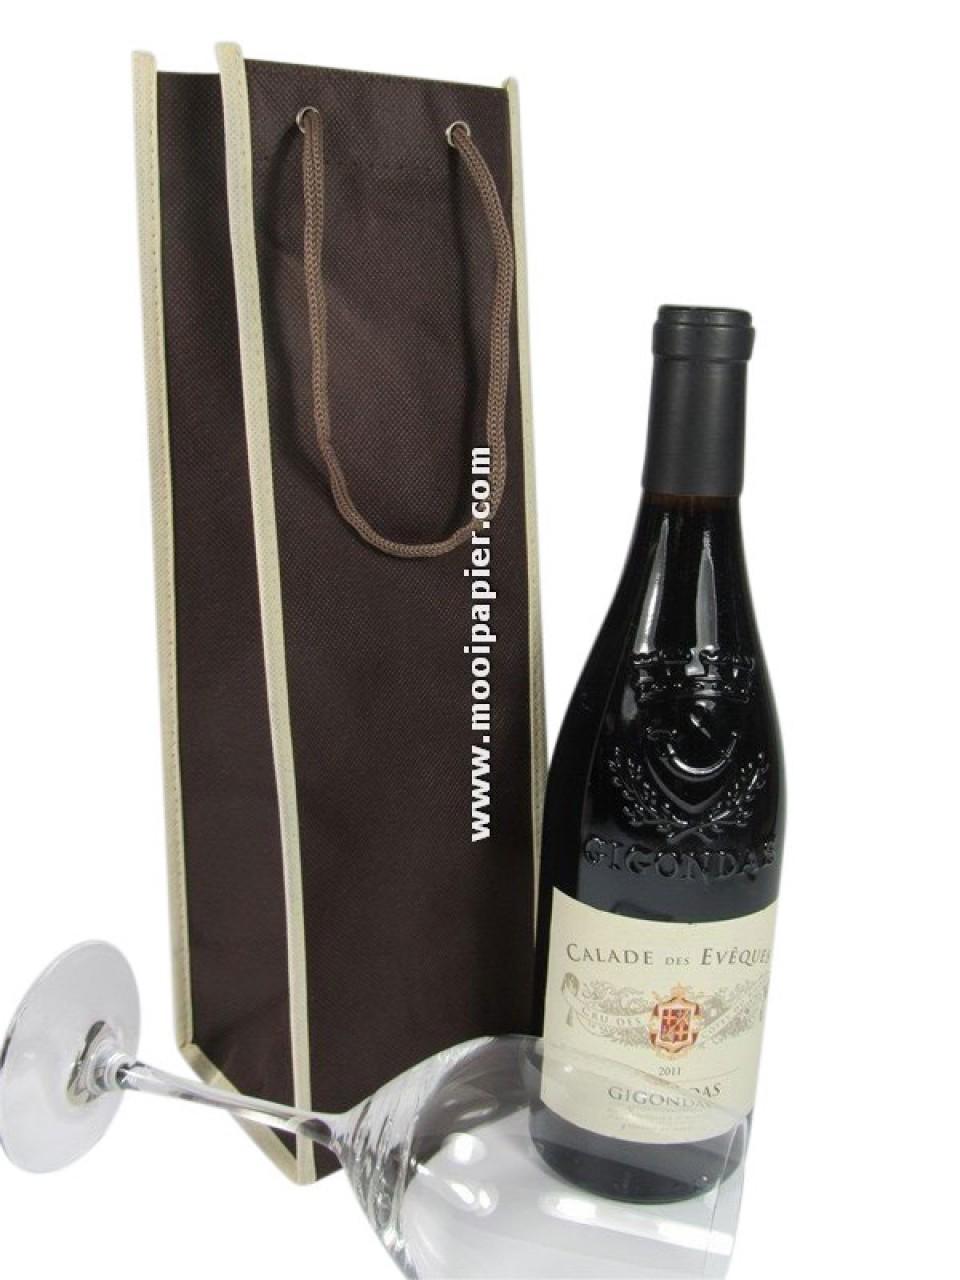 fleszak voor verpakking wijnfles